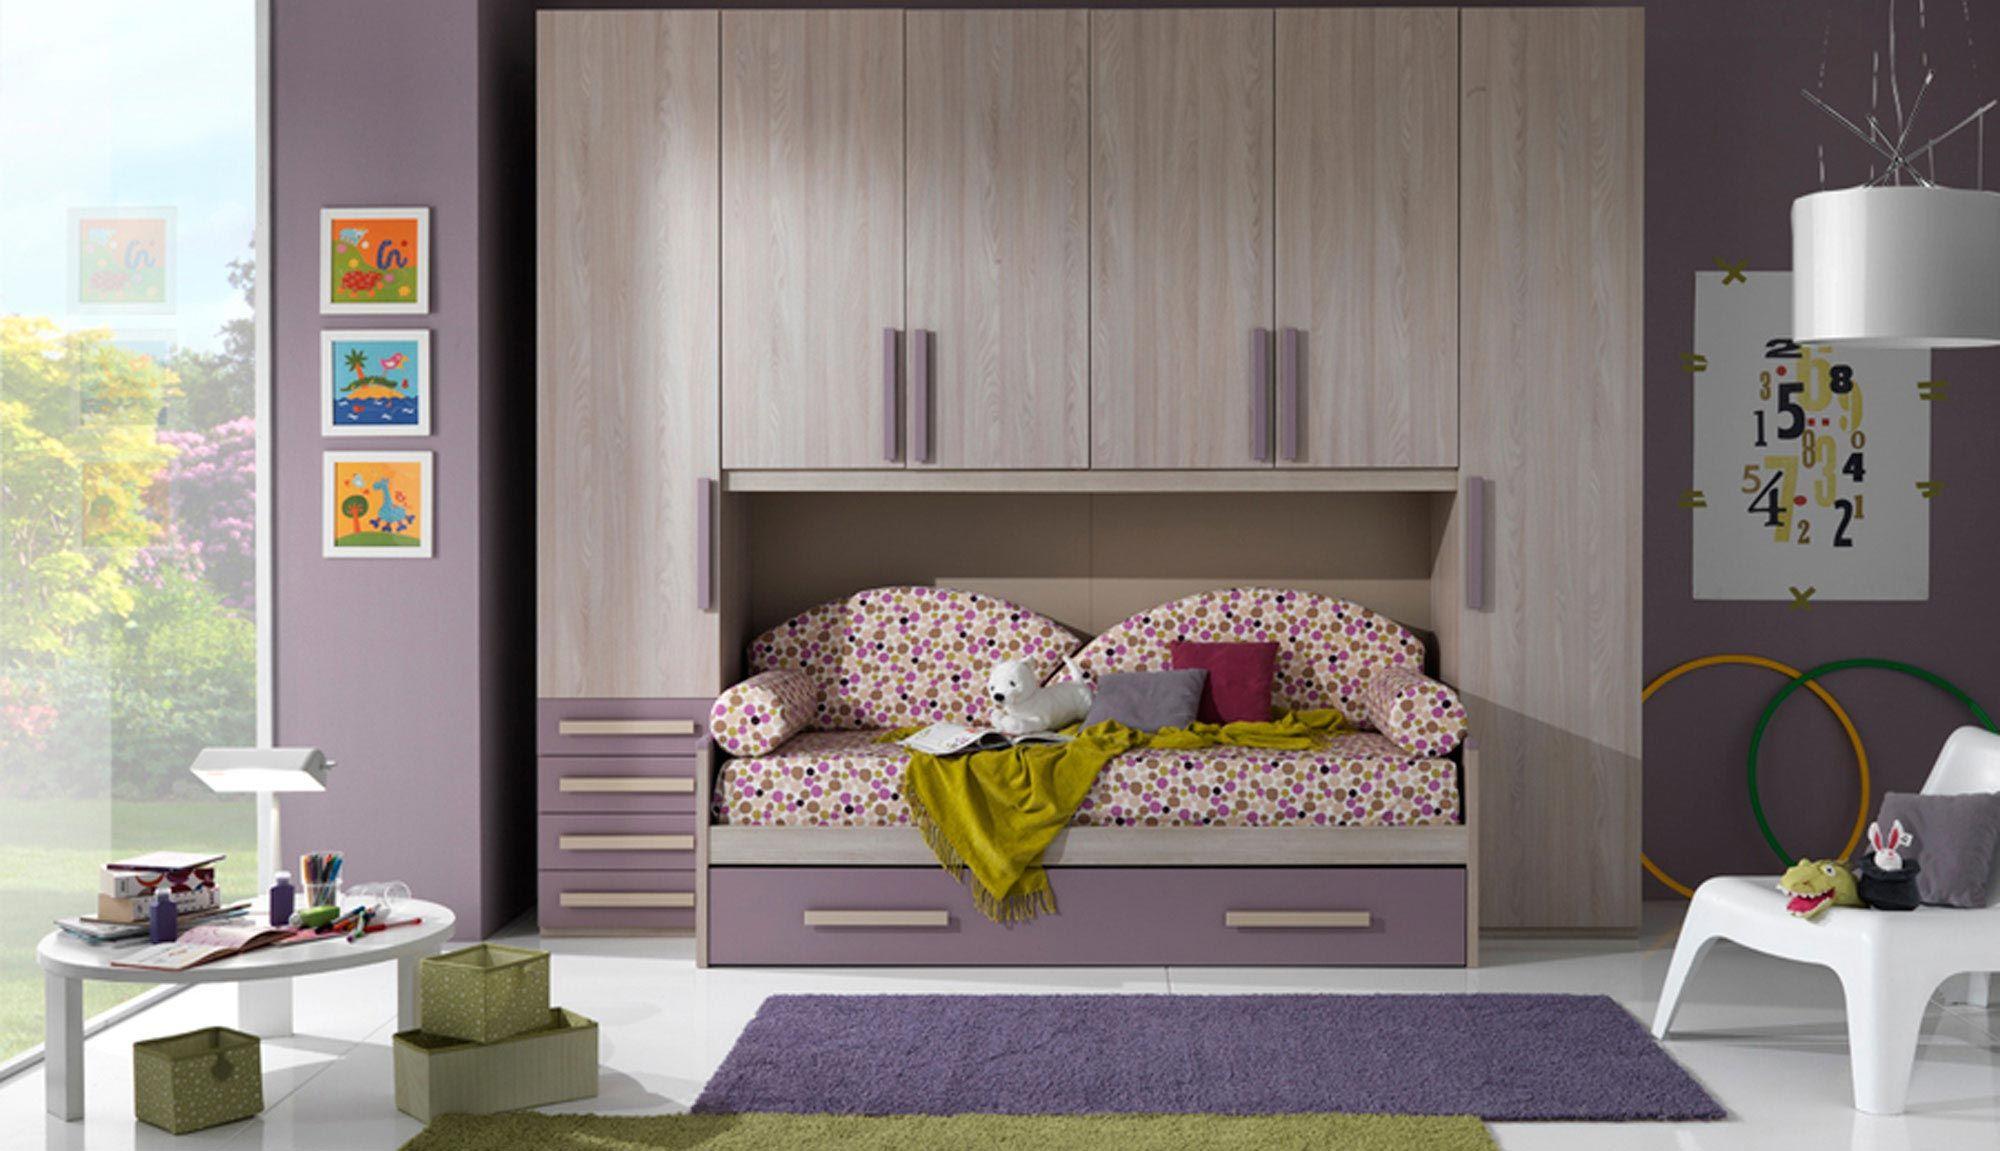 Mancini Camerette ~ Sweet dreams little boy www.giessegi.it it camerette ragazzi bambini